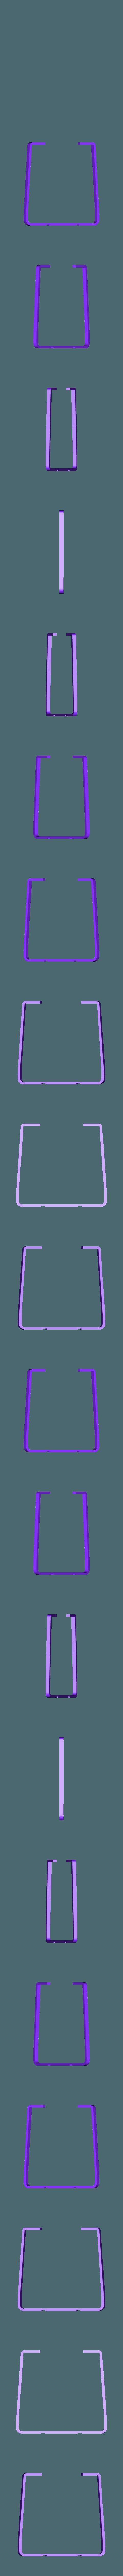 Sangle.stl Télécharger fichier STL gratuit PUBG Airdrop - L'heure de la chance ou le temps de la mort? • Design pour imprimante 3D, Zekazz